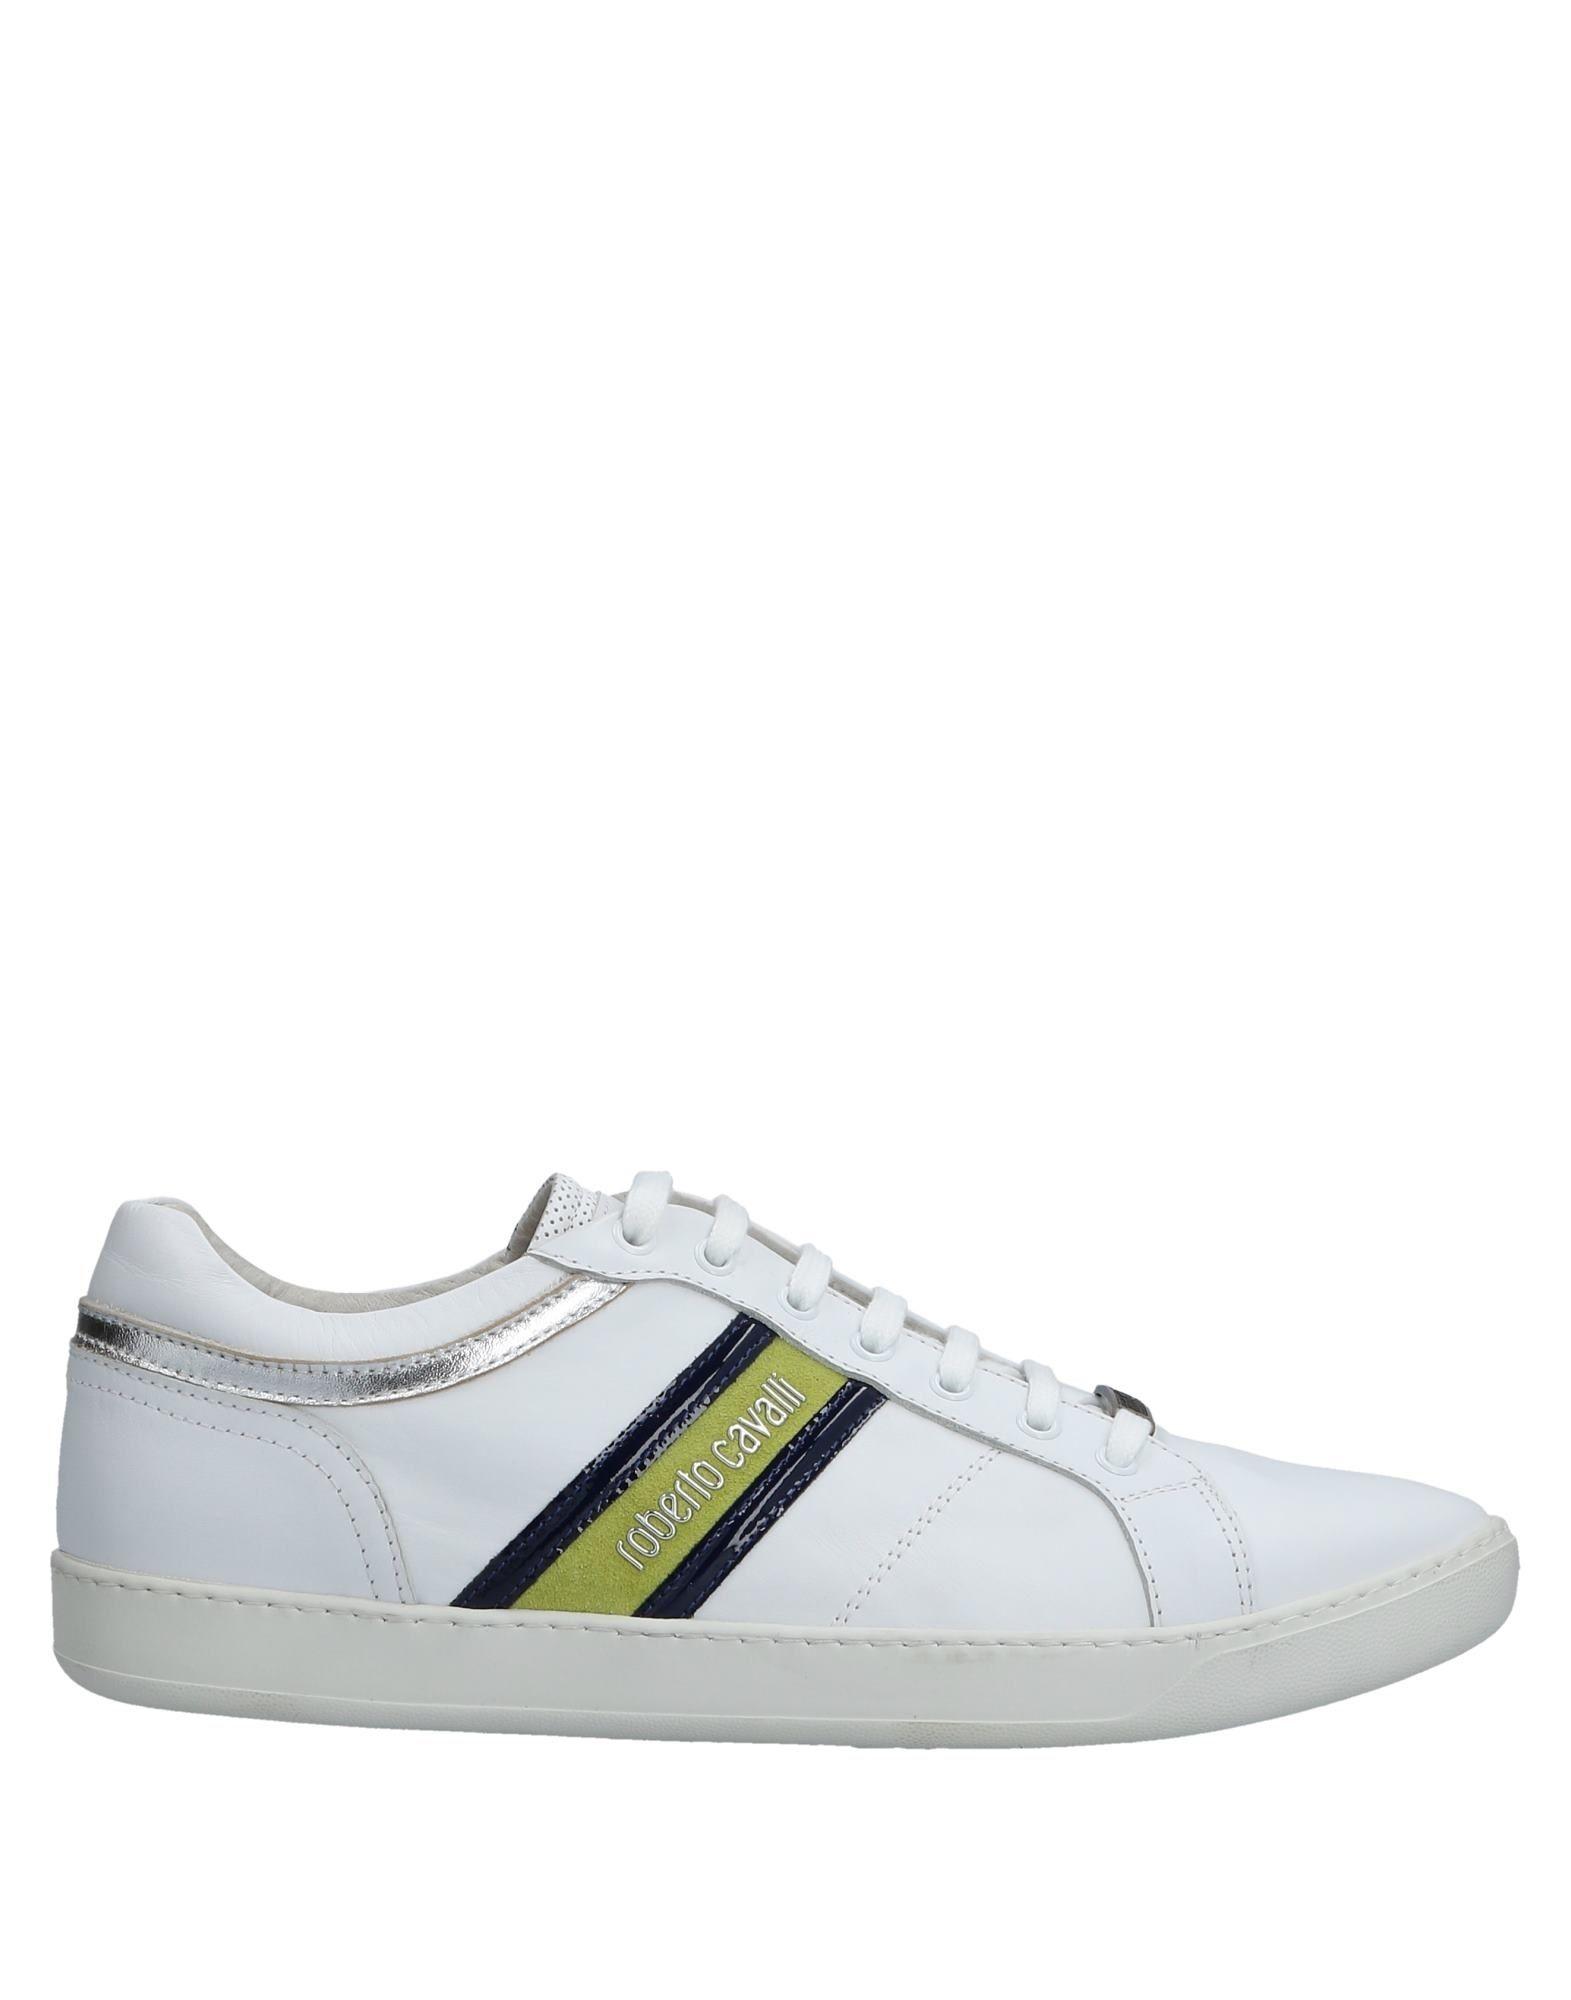 Roberto Cavalli Sneakers Herren  11525631XQ Gute Qualität beliebte Schuhe